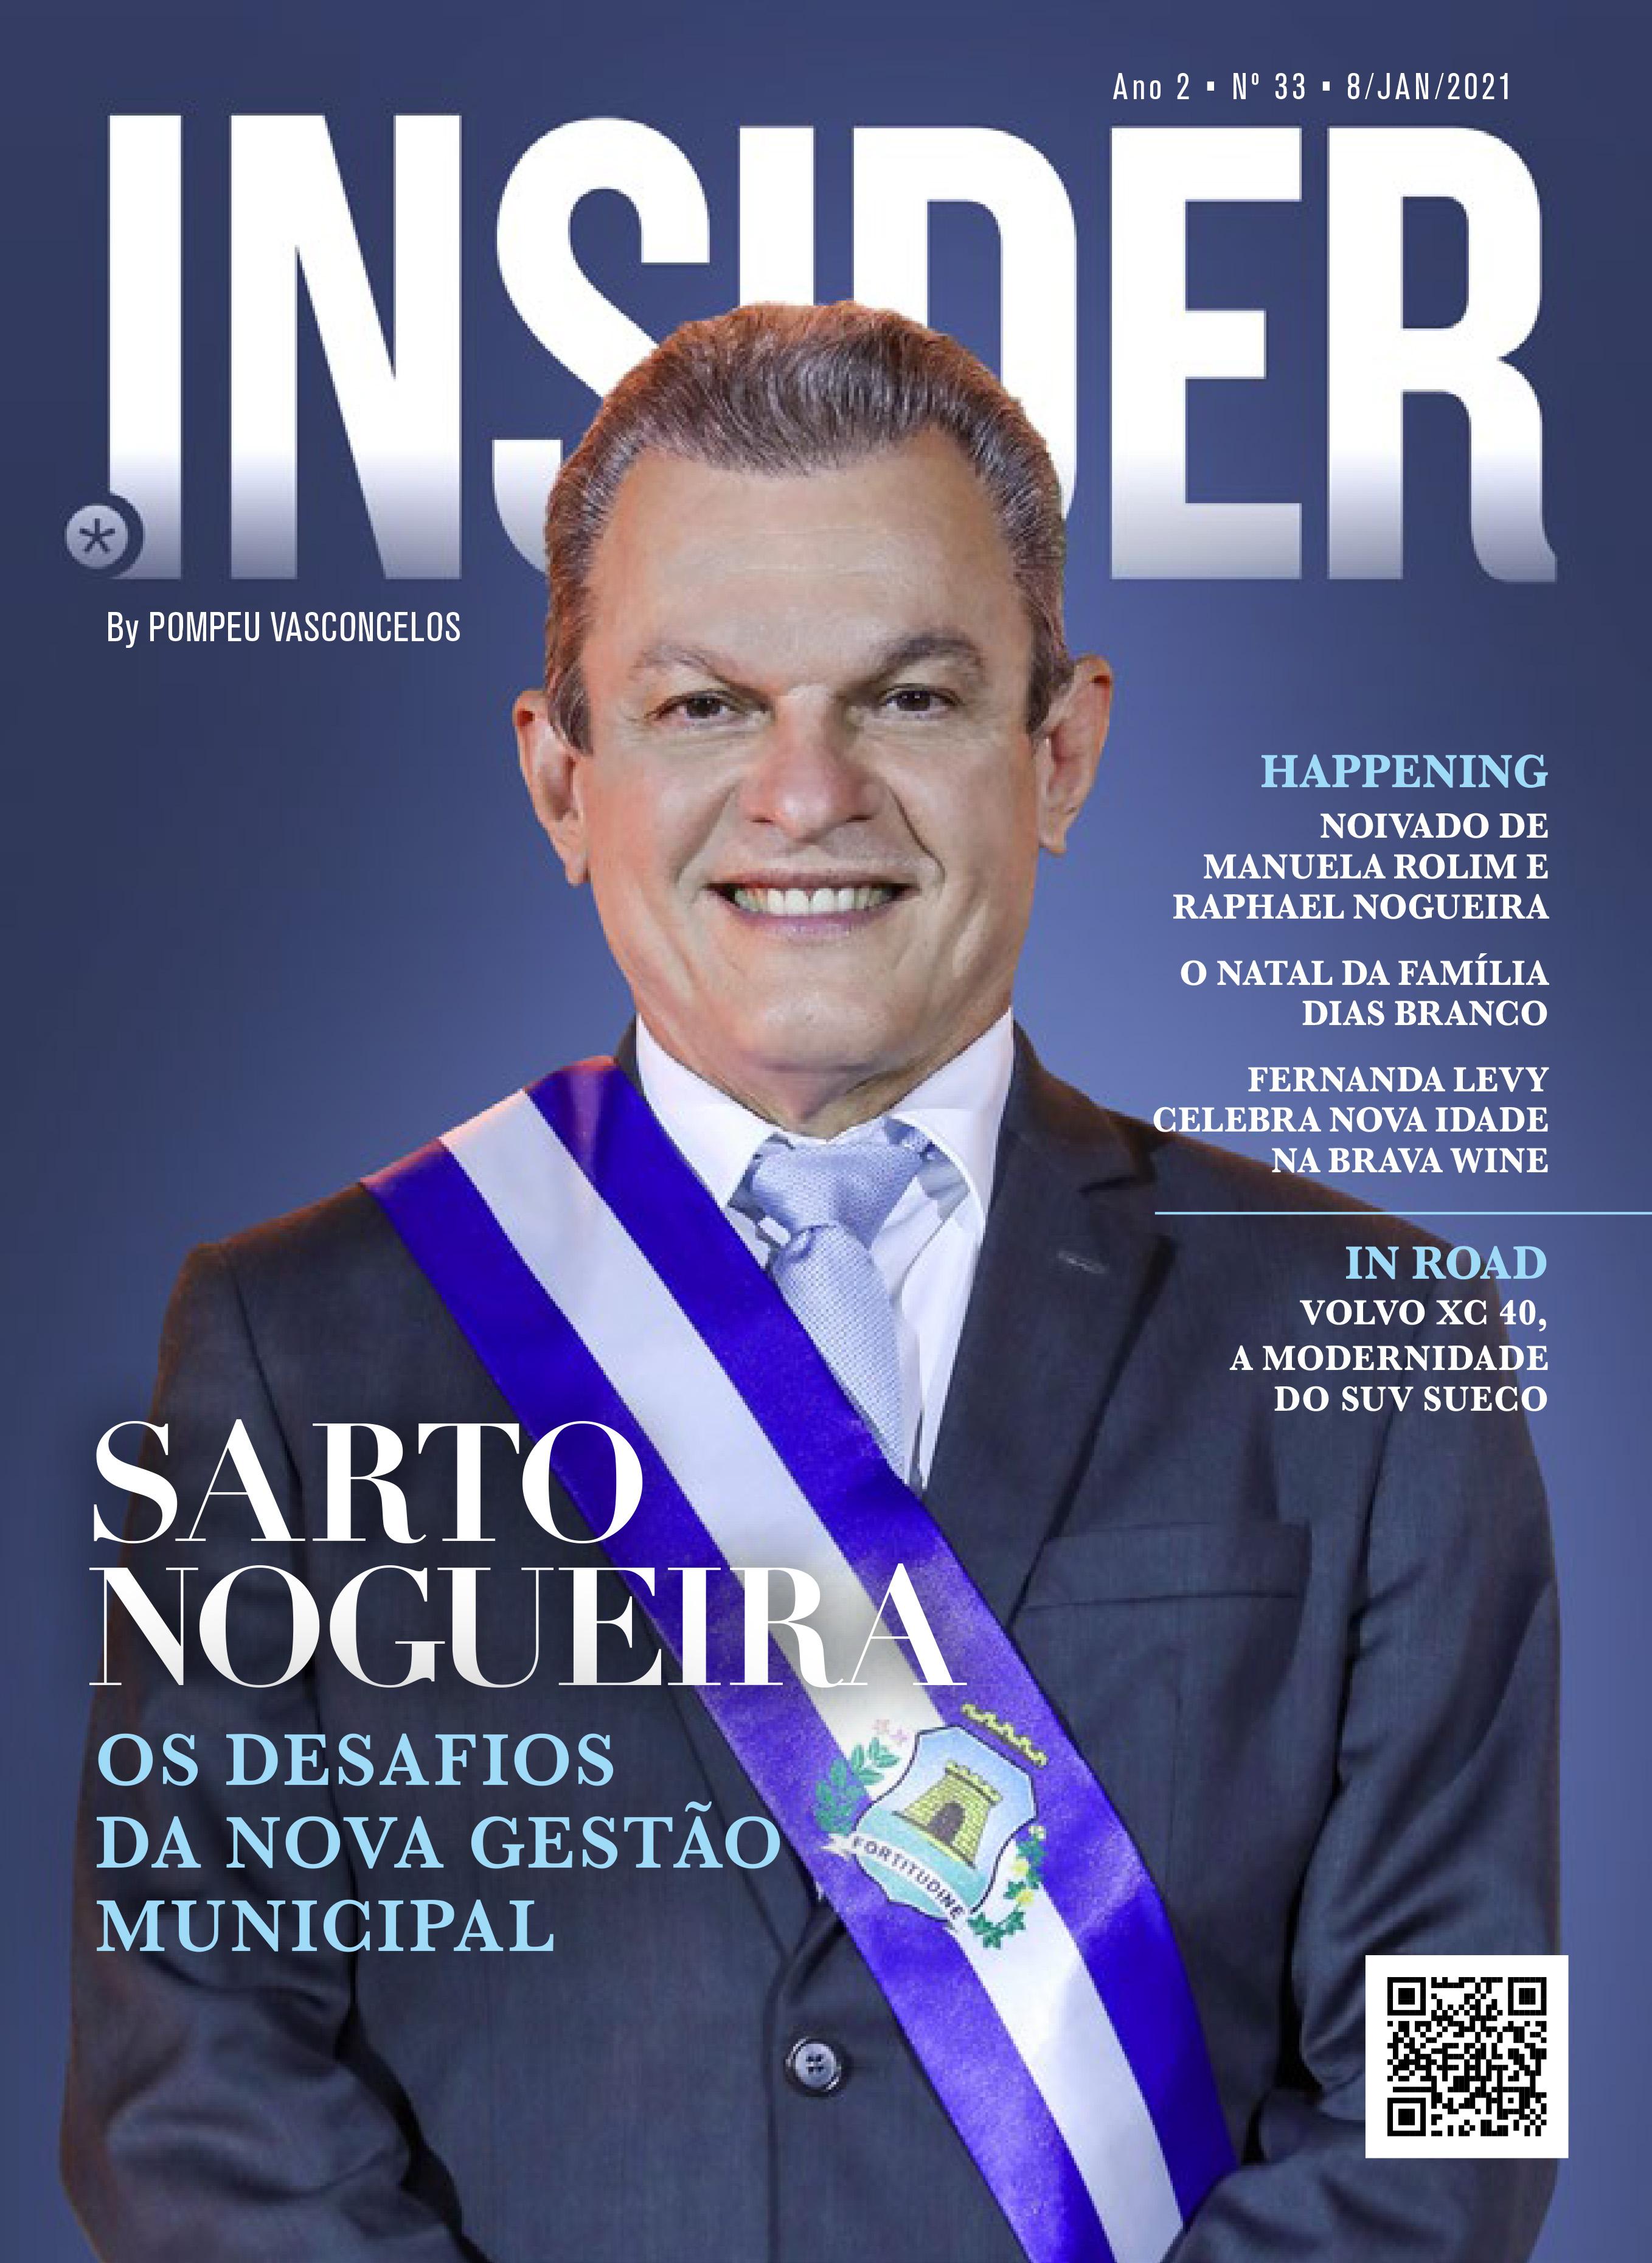 Nº 33 • ano 2021: Sarto Nogueira